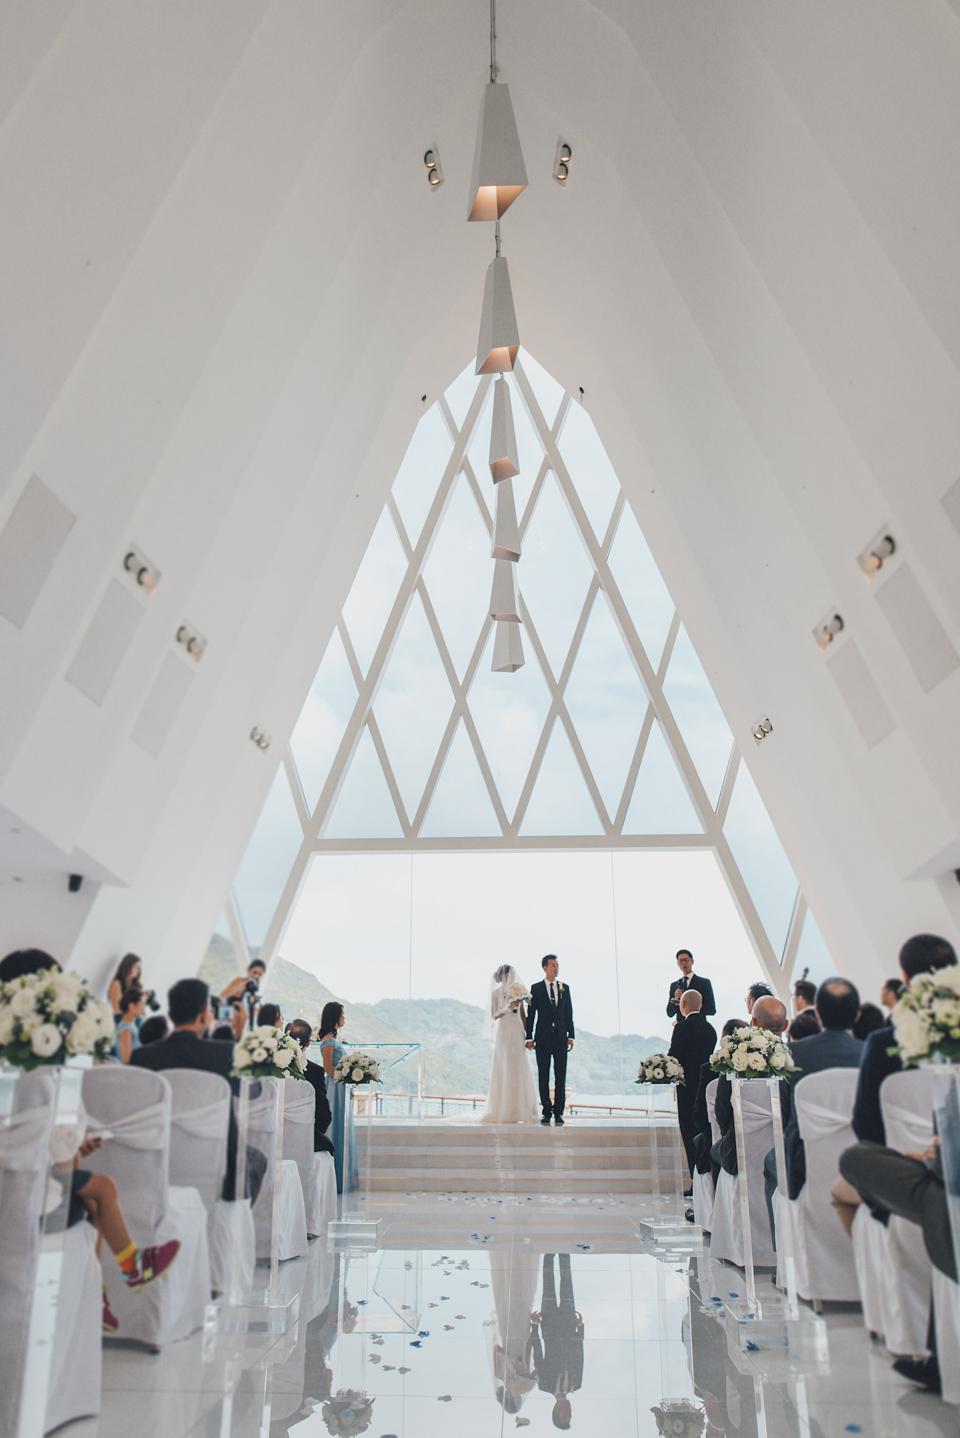 hongkong-wedding-photo-video-81 Kristy & Sam HongKong Wedding Four Saison HKhongkong wedding photo video 81